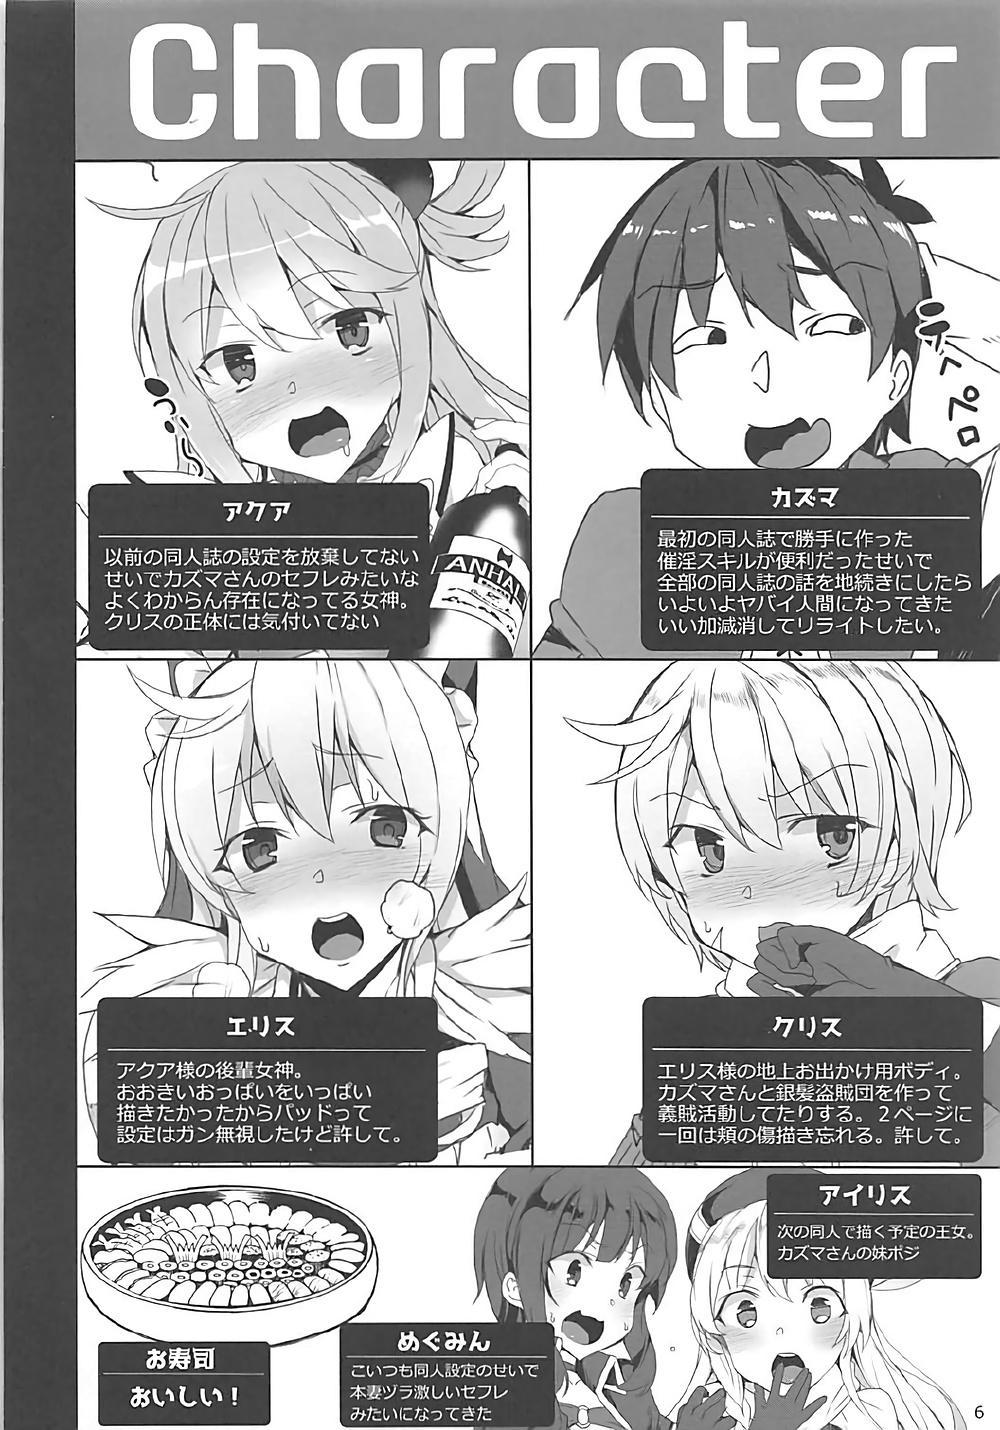 Kono Subarashii Megami-tachi to 3P o! 2